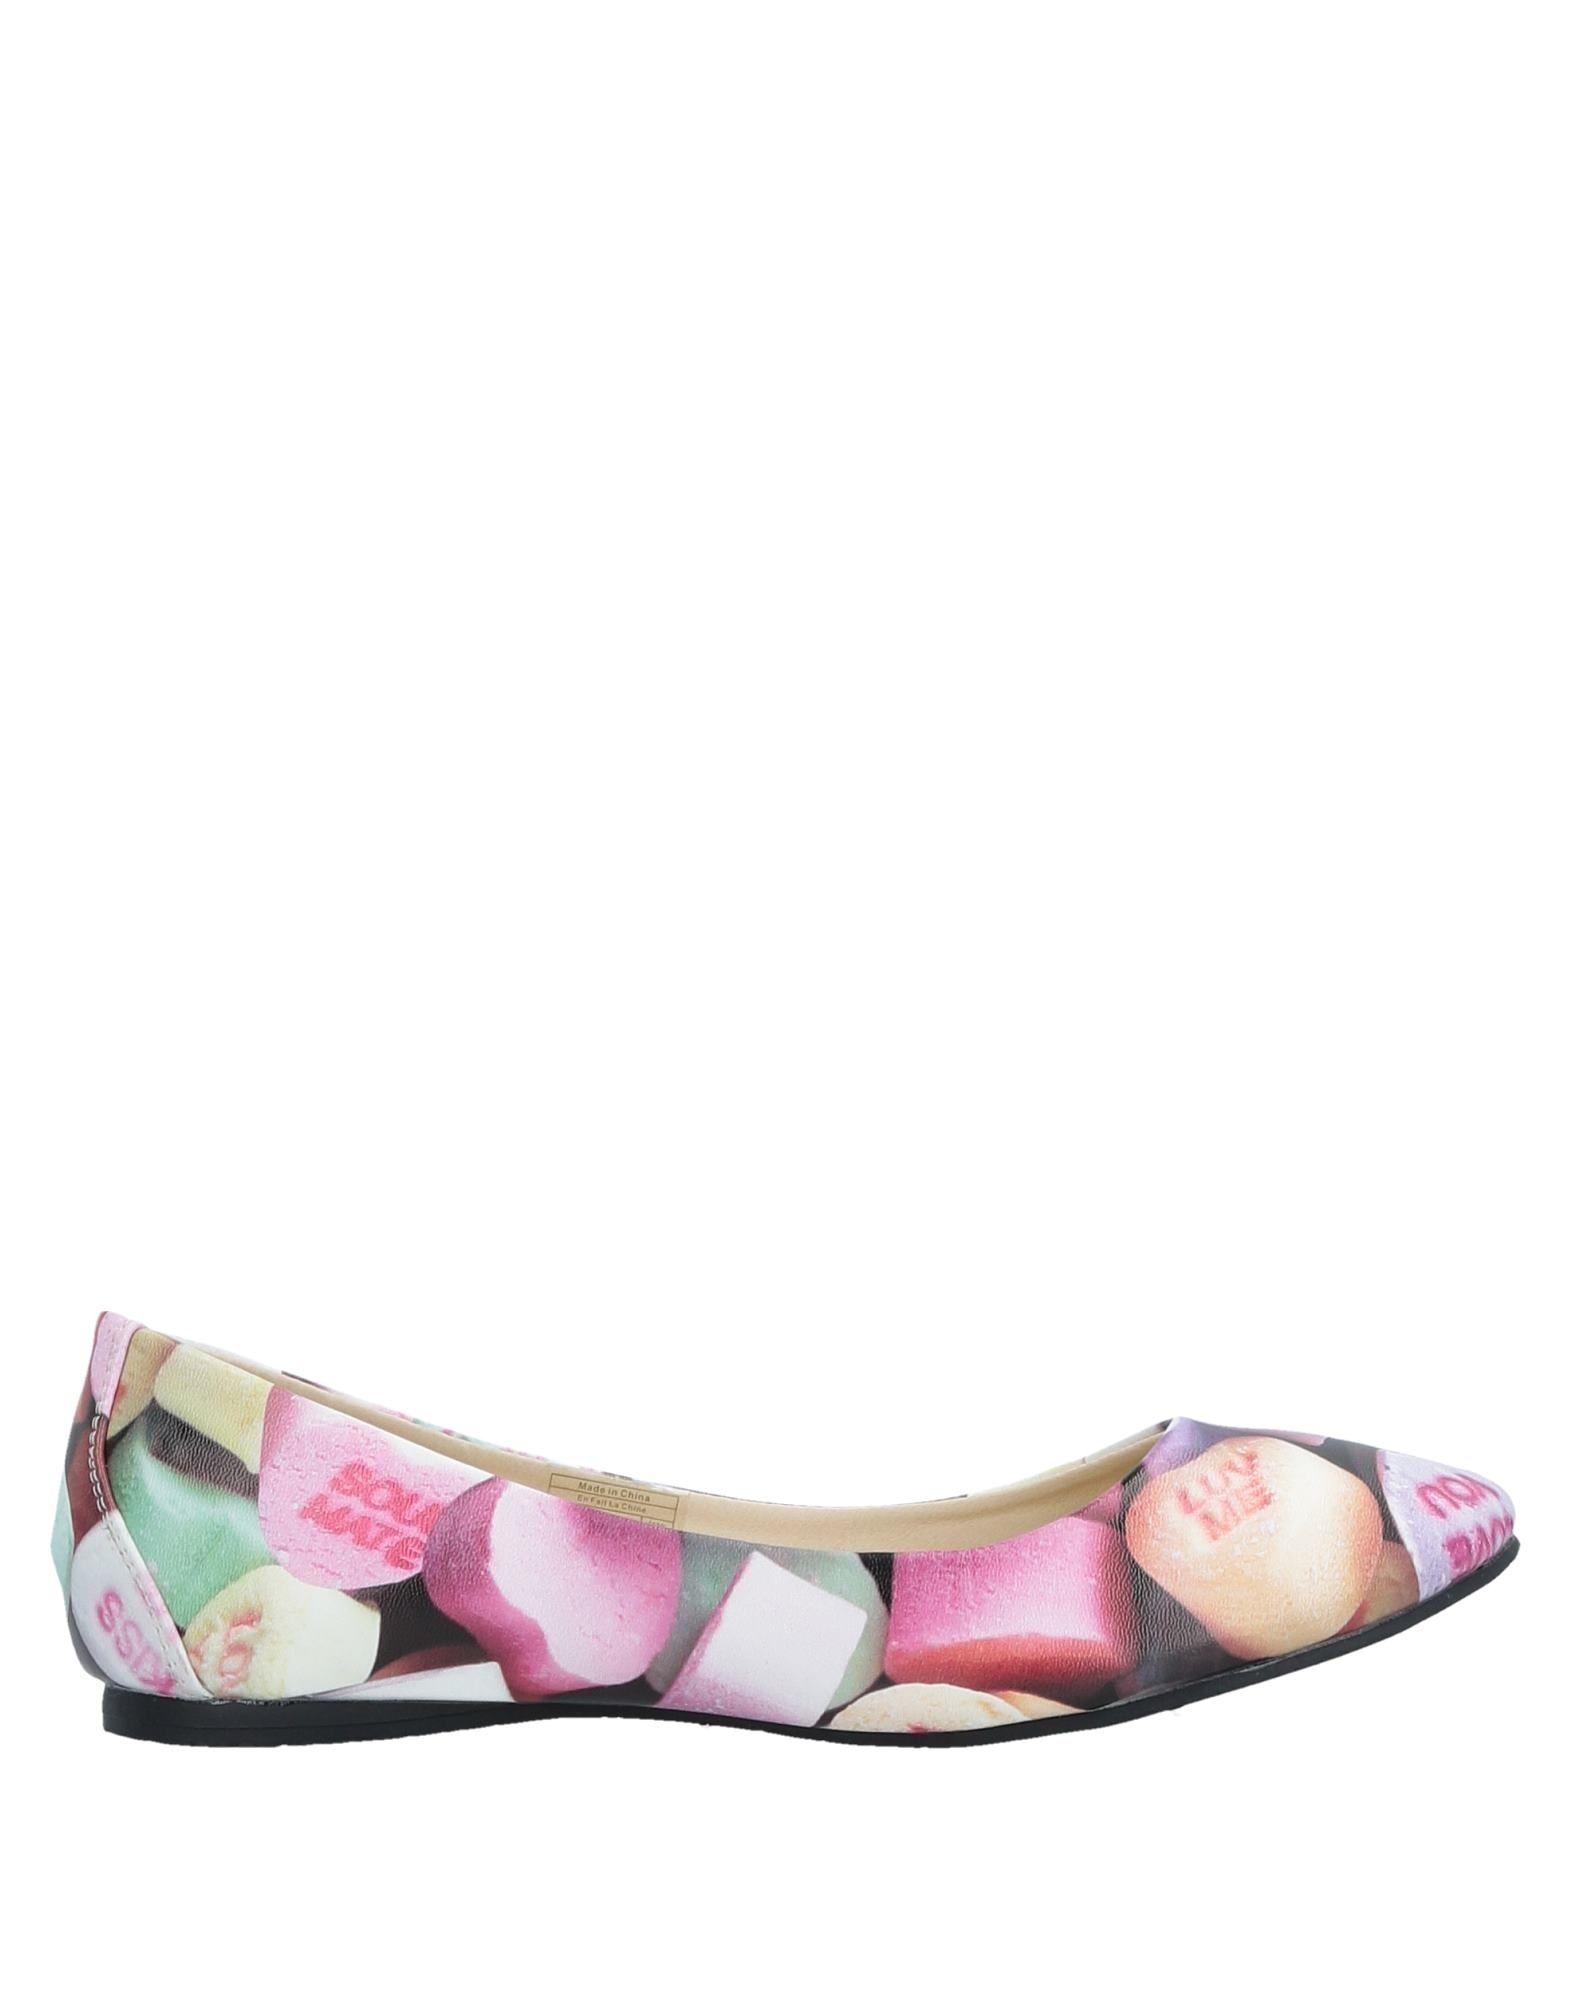 T.U.K Ballerinas Damen  11522410SG Gute Qualität beliebte Schuhe